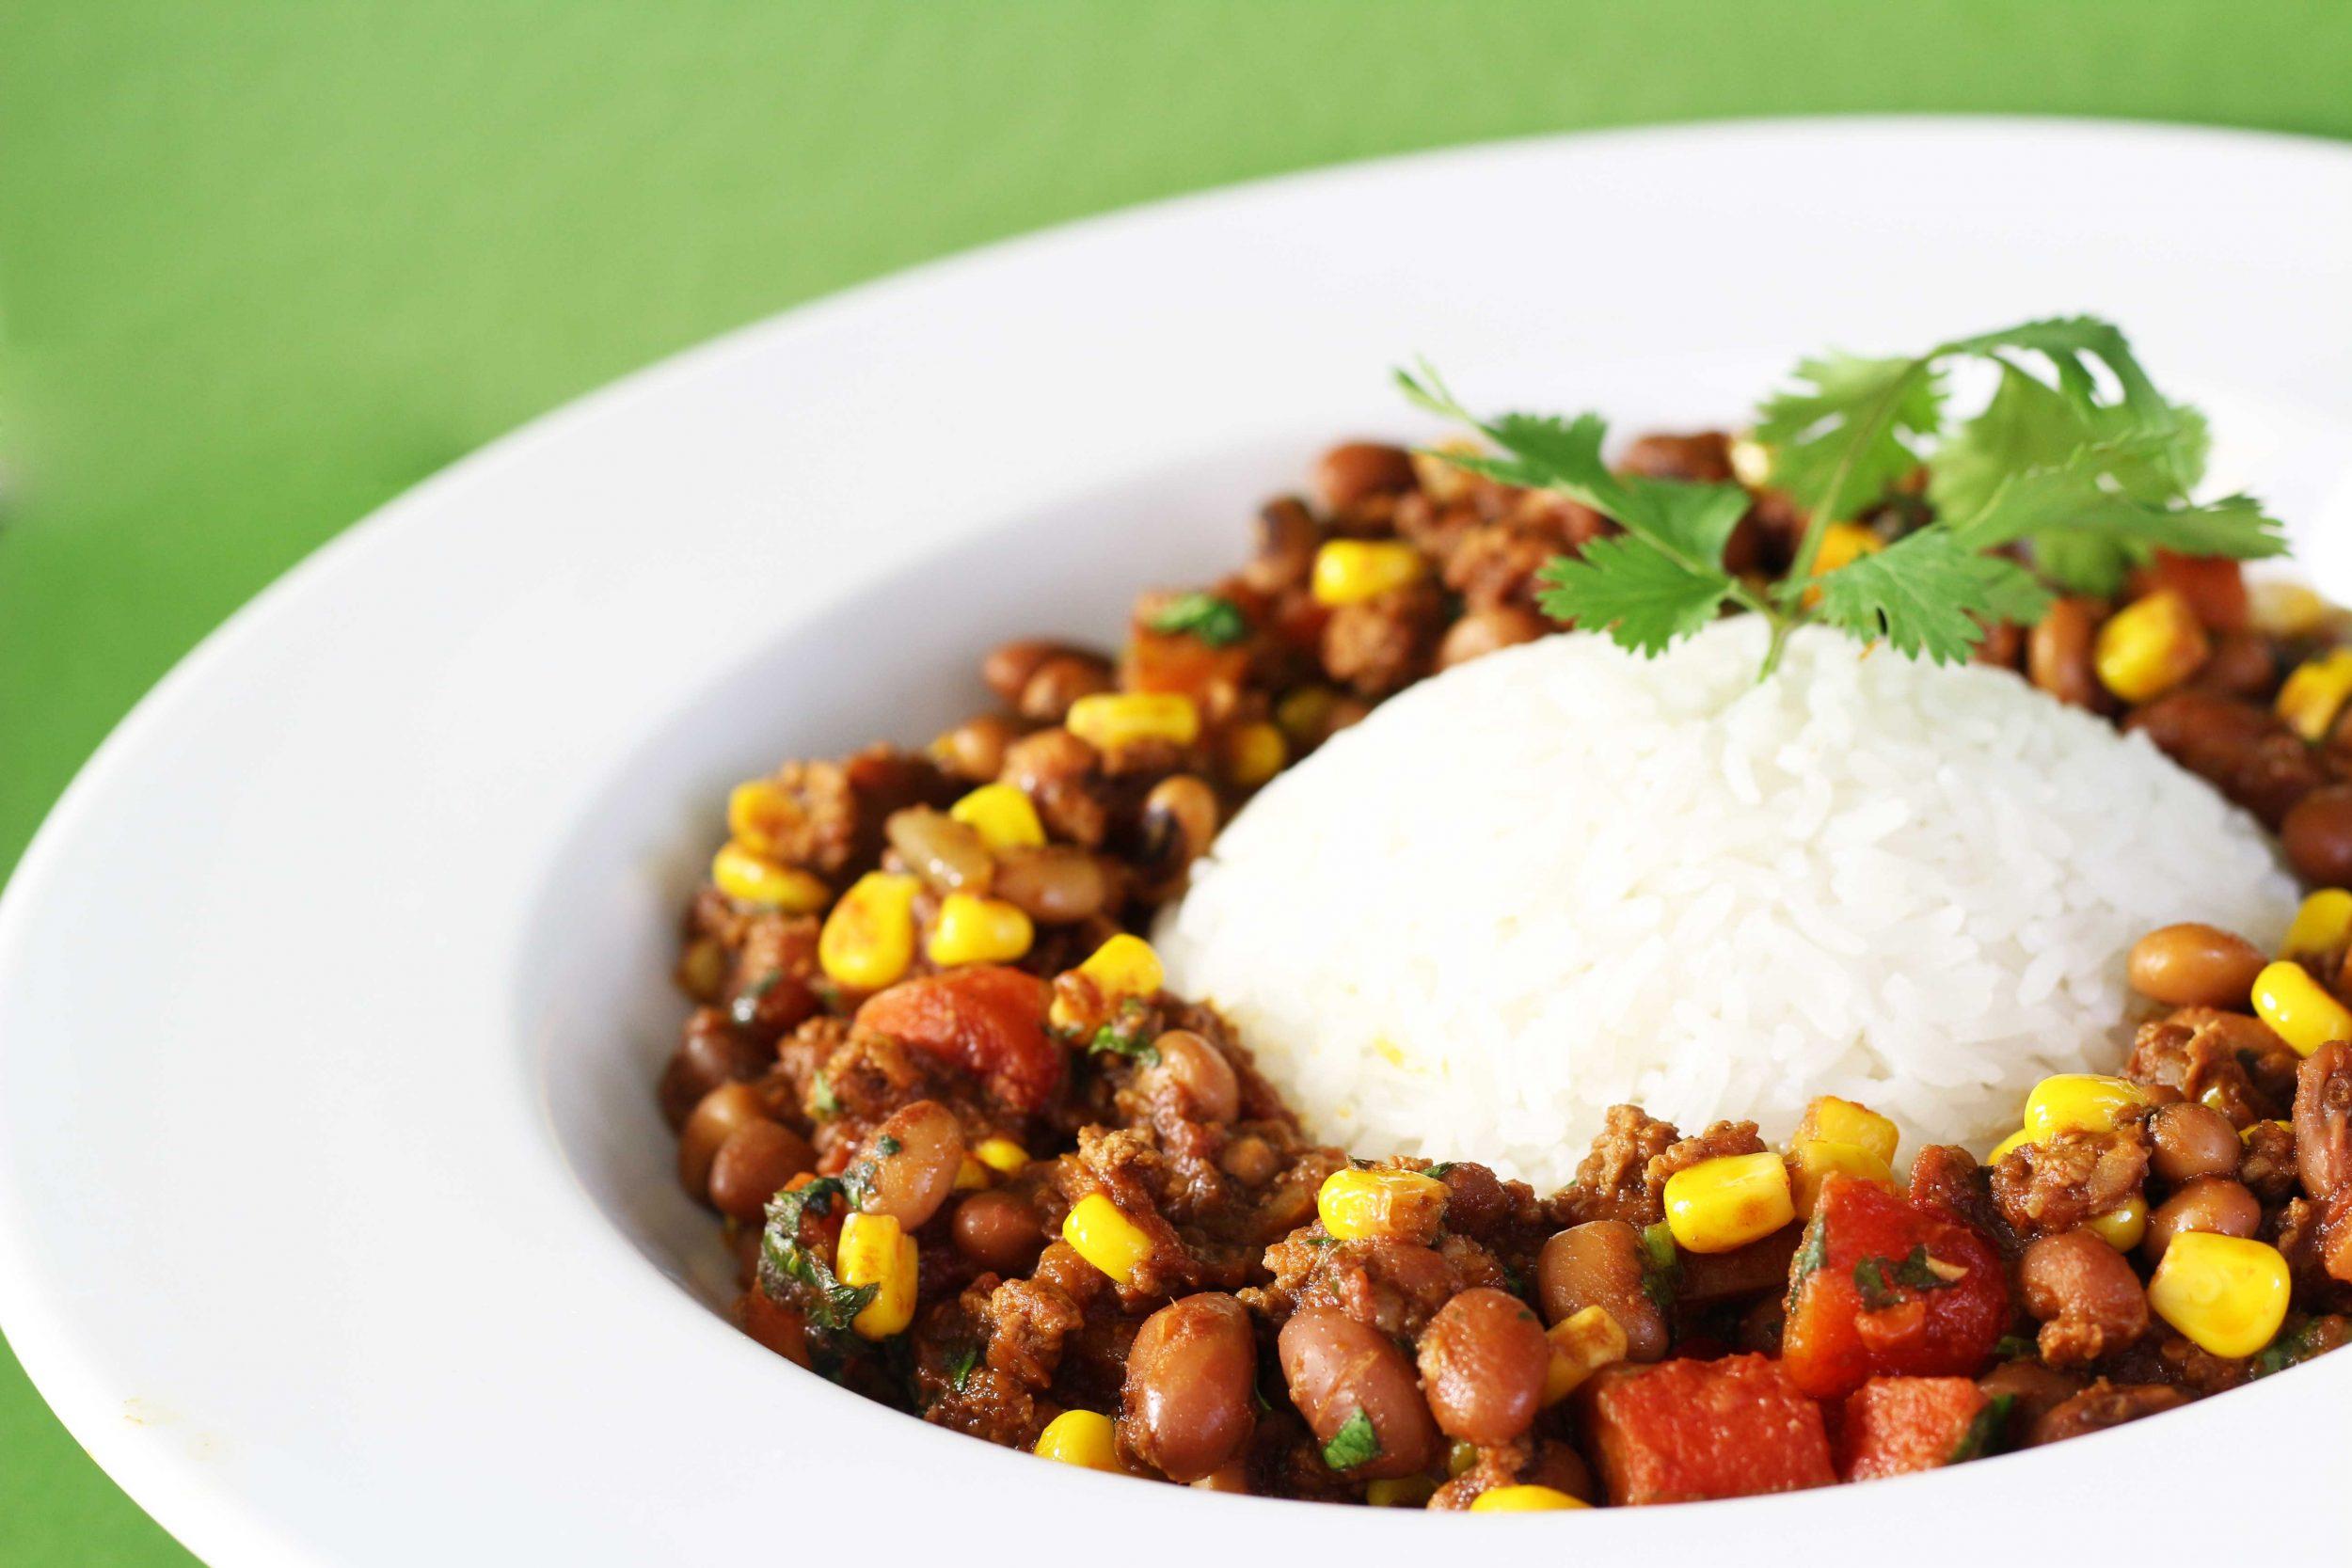 Chili con carne recept. Bonen met rijst